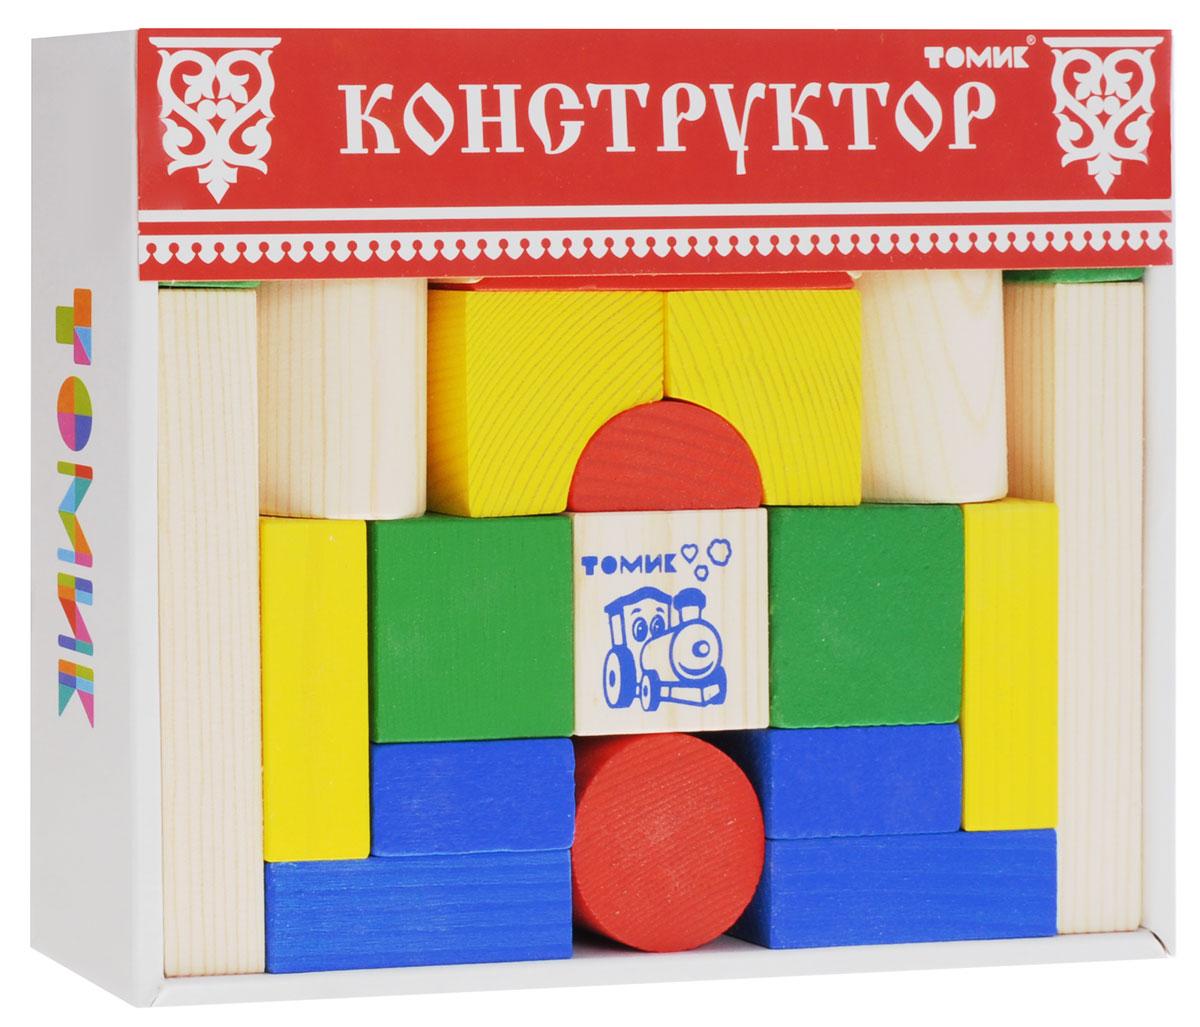 Томик Цветной 6678-26